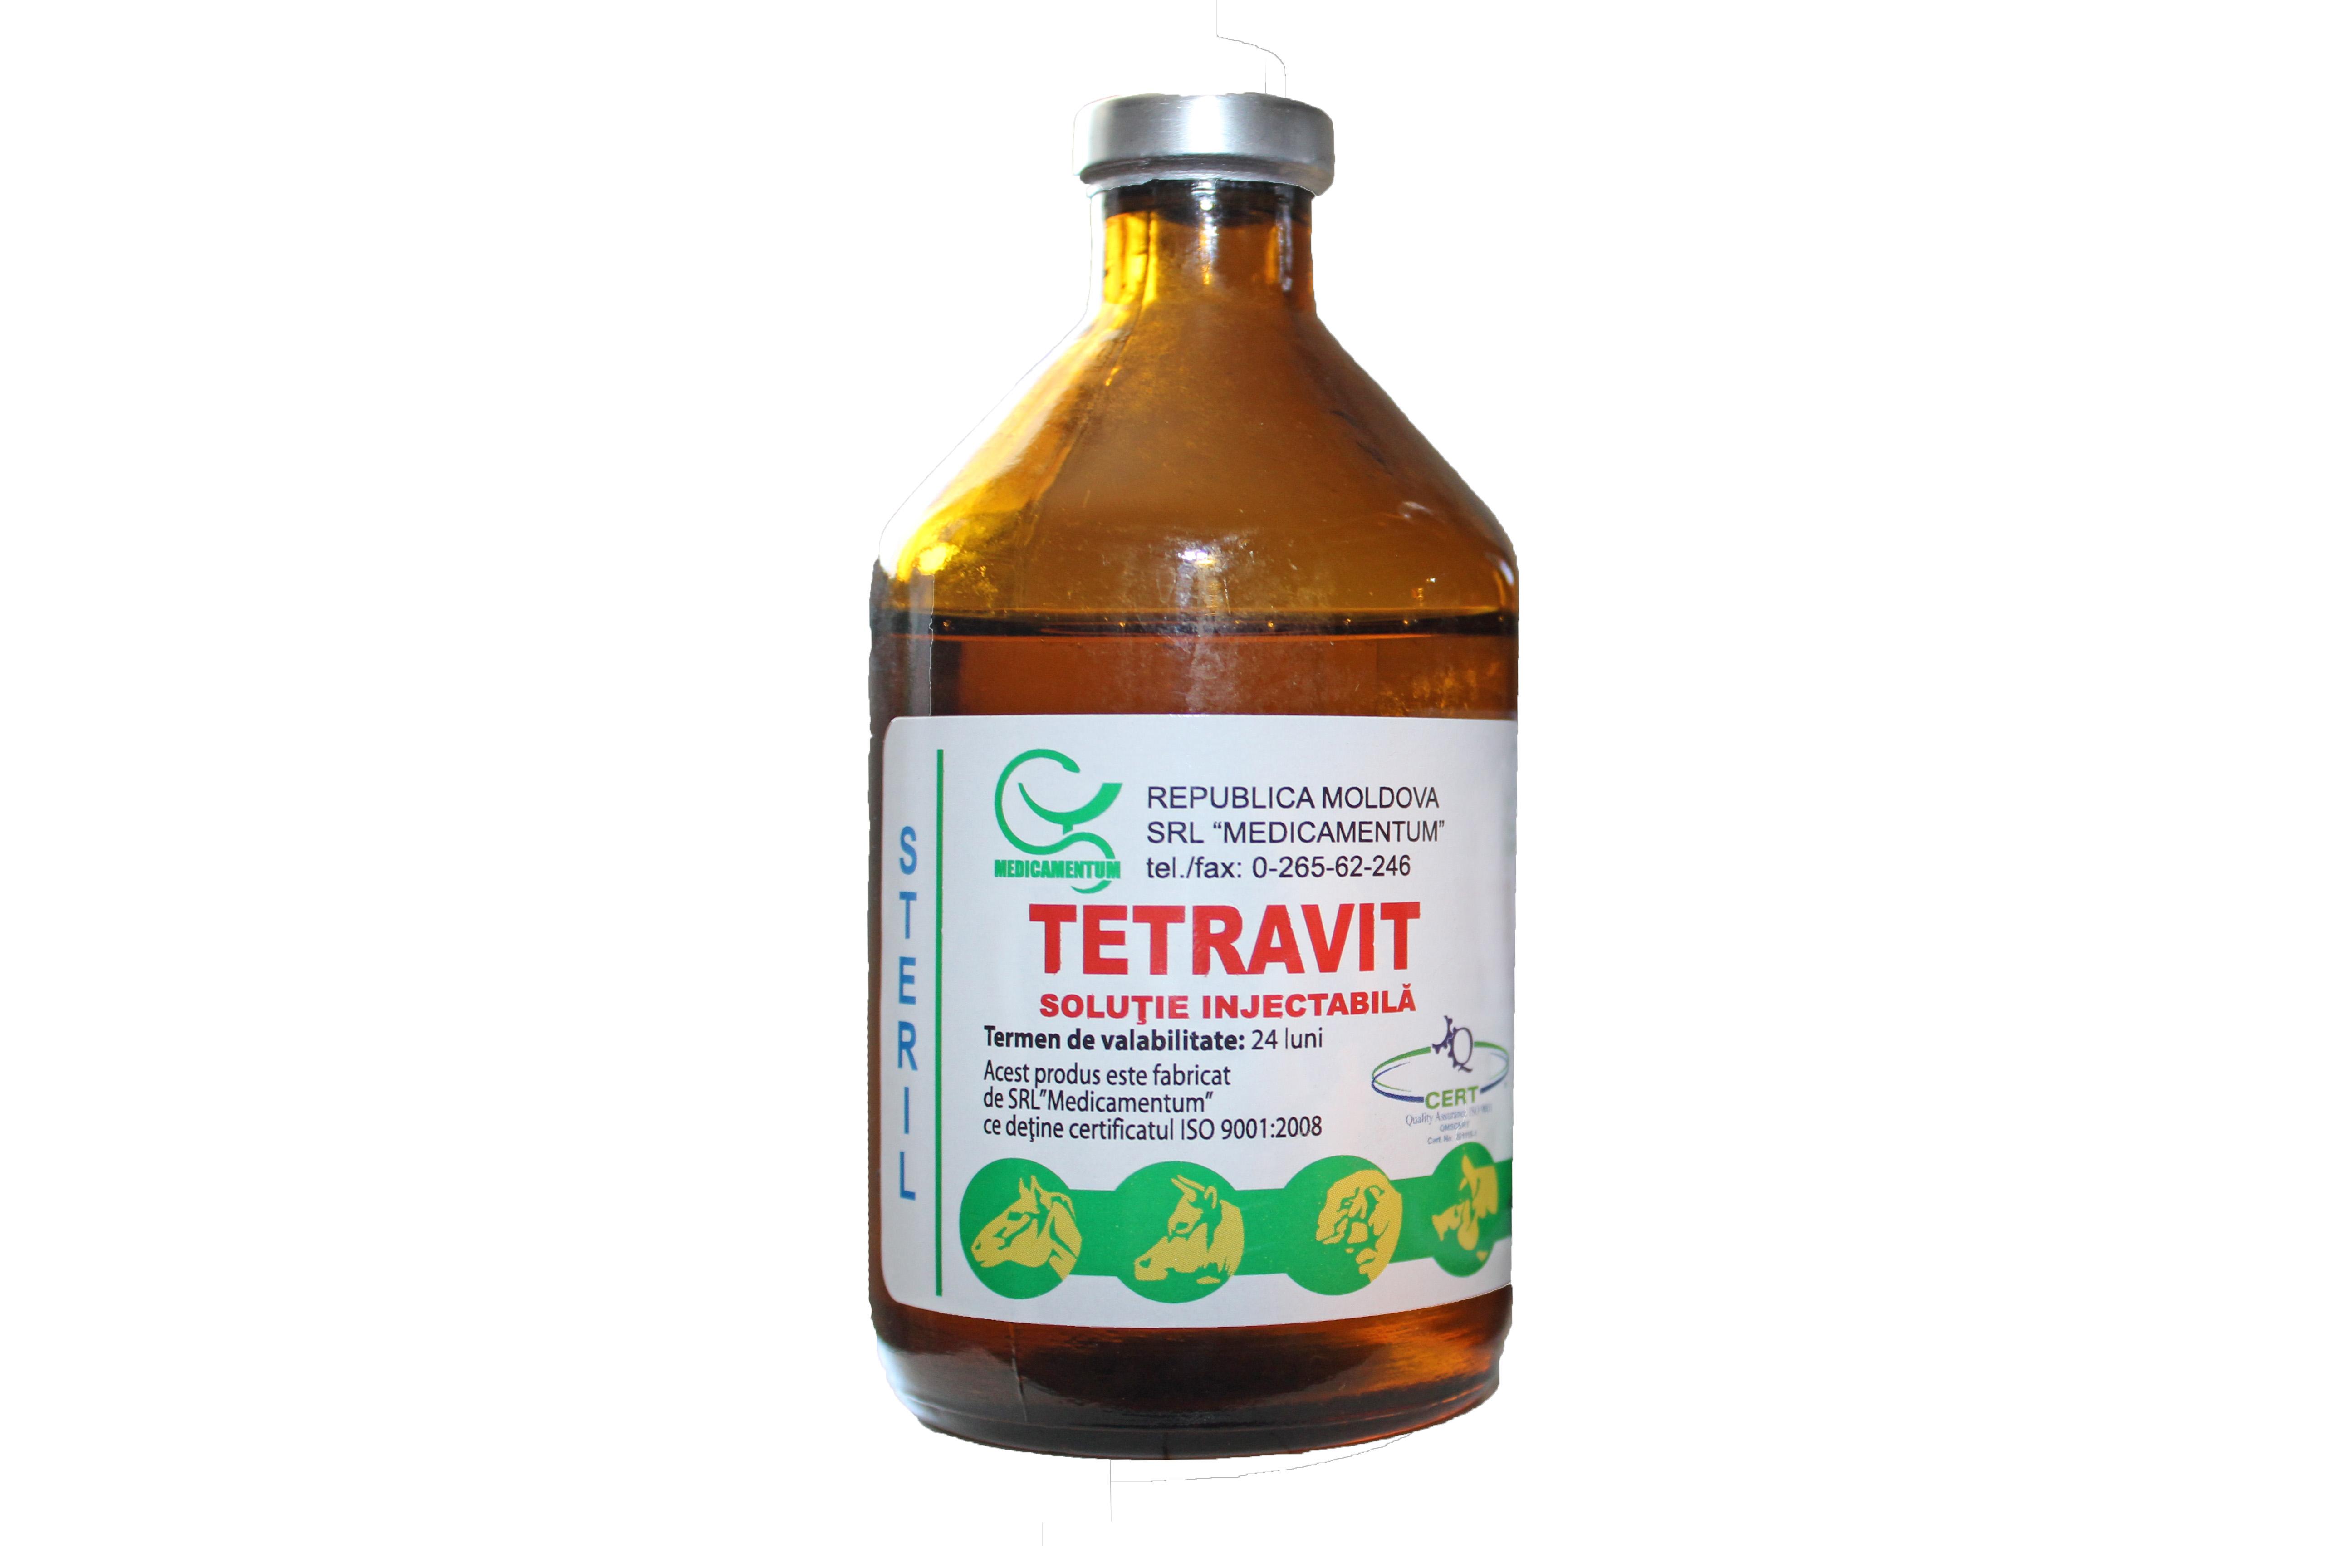 Tetravit